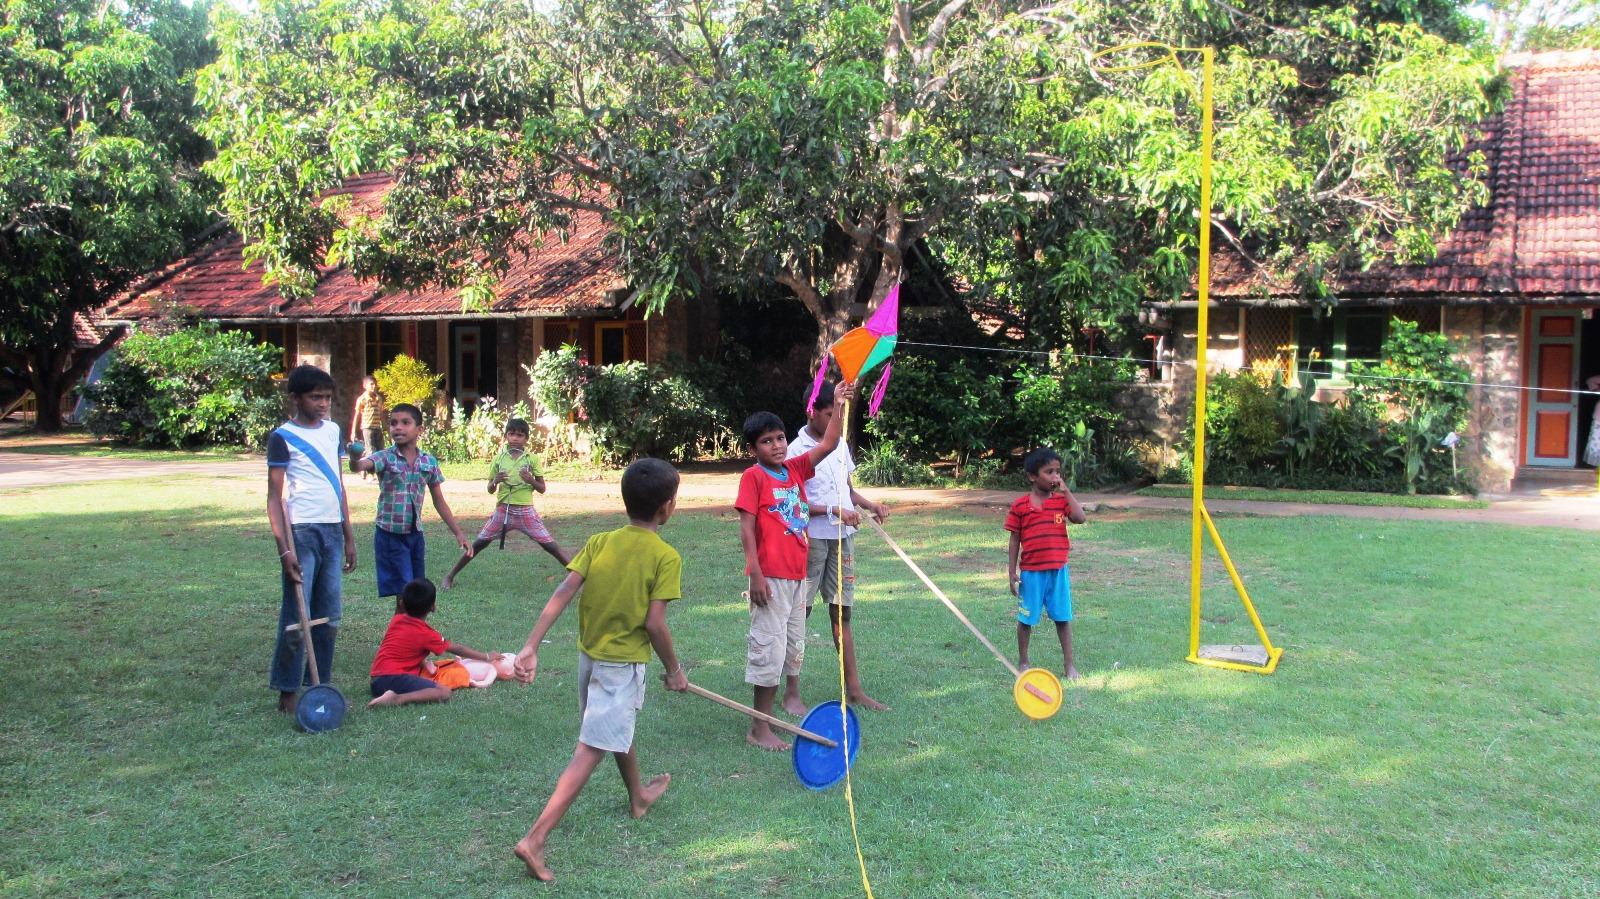 Model Hooker Anuradhapura